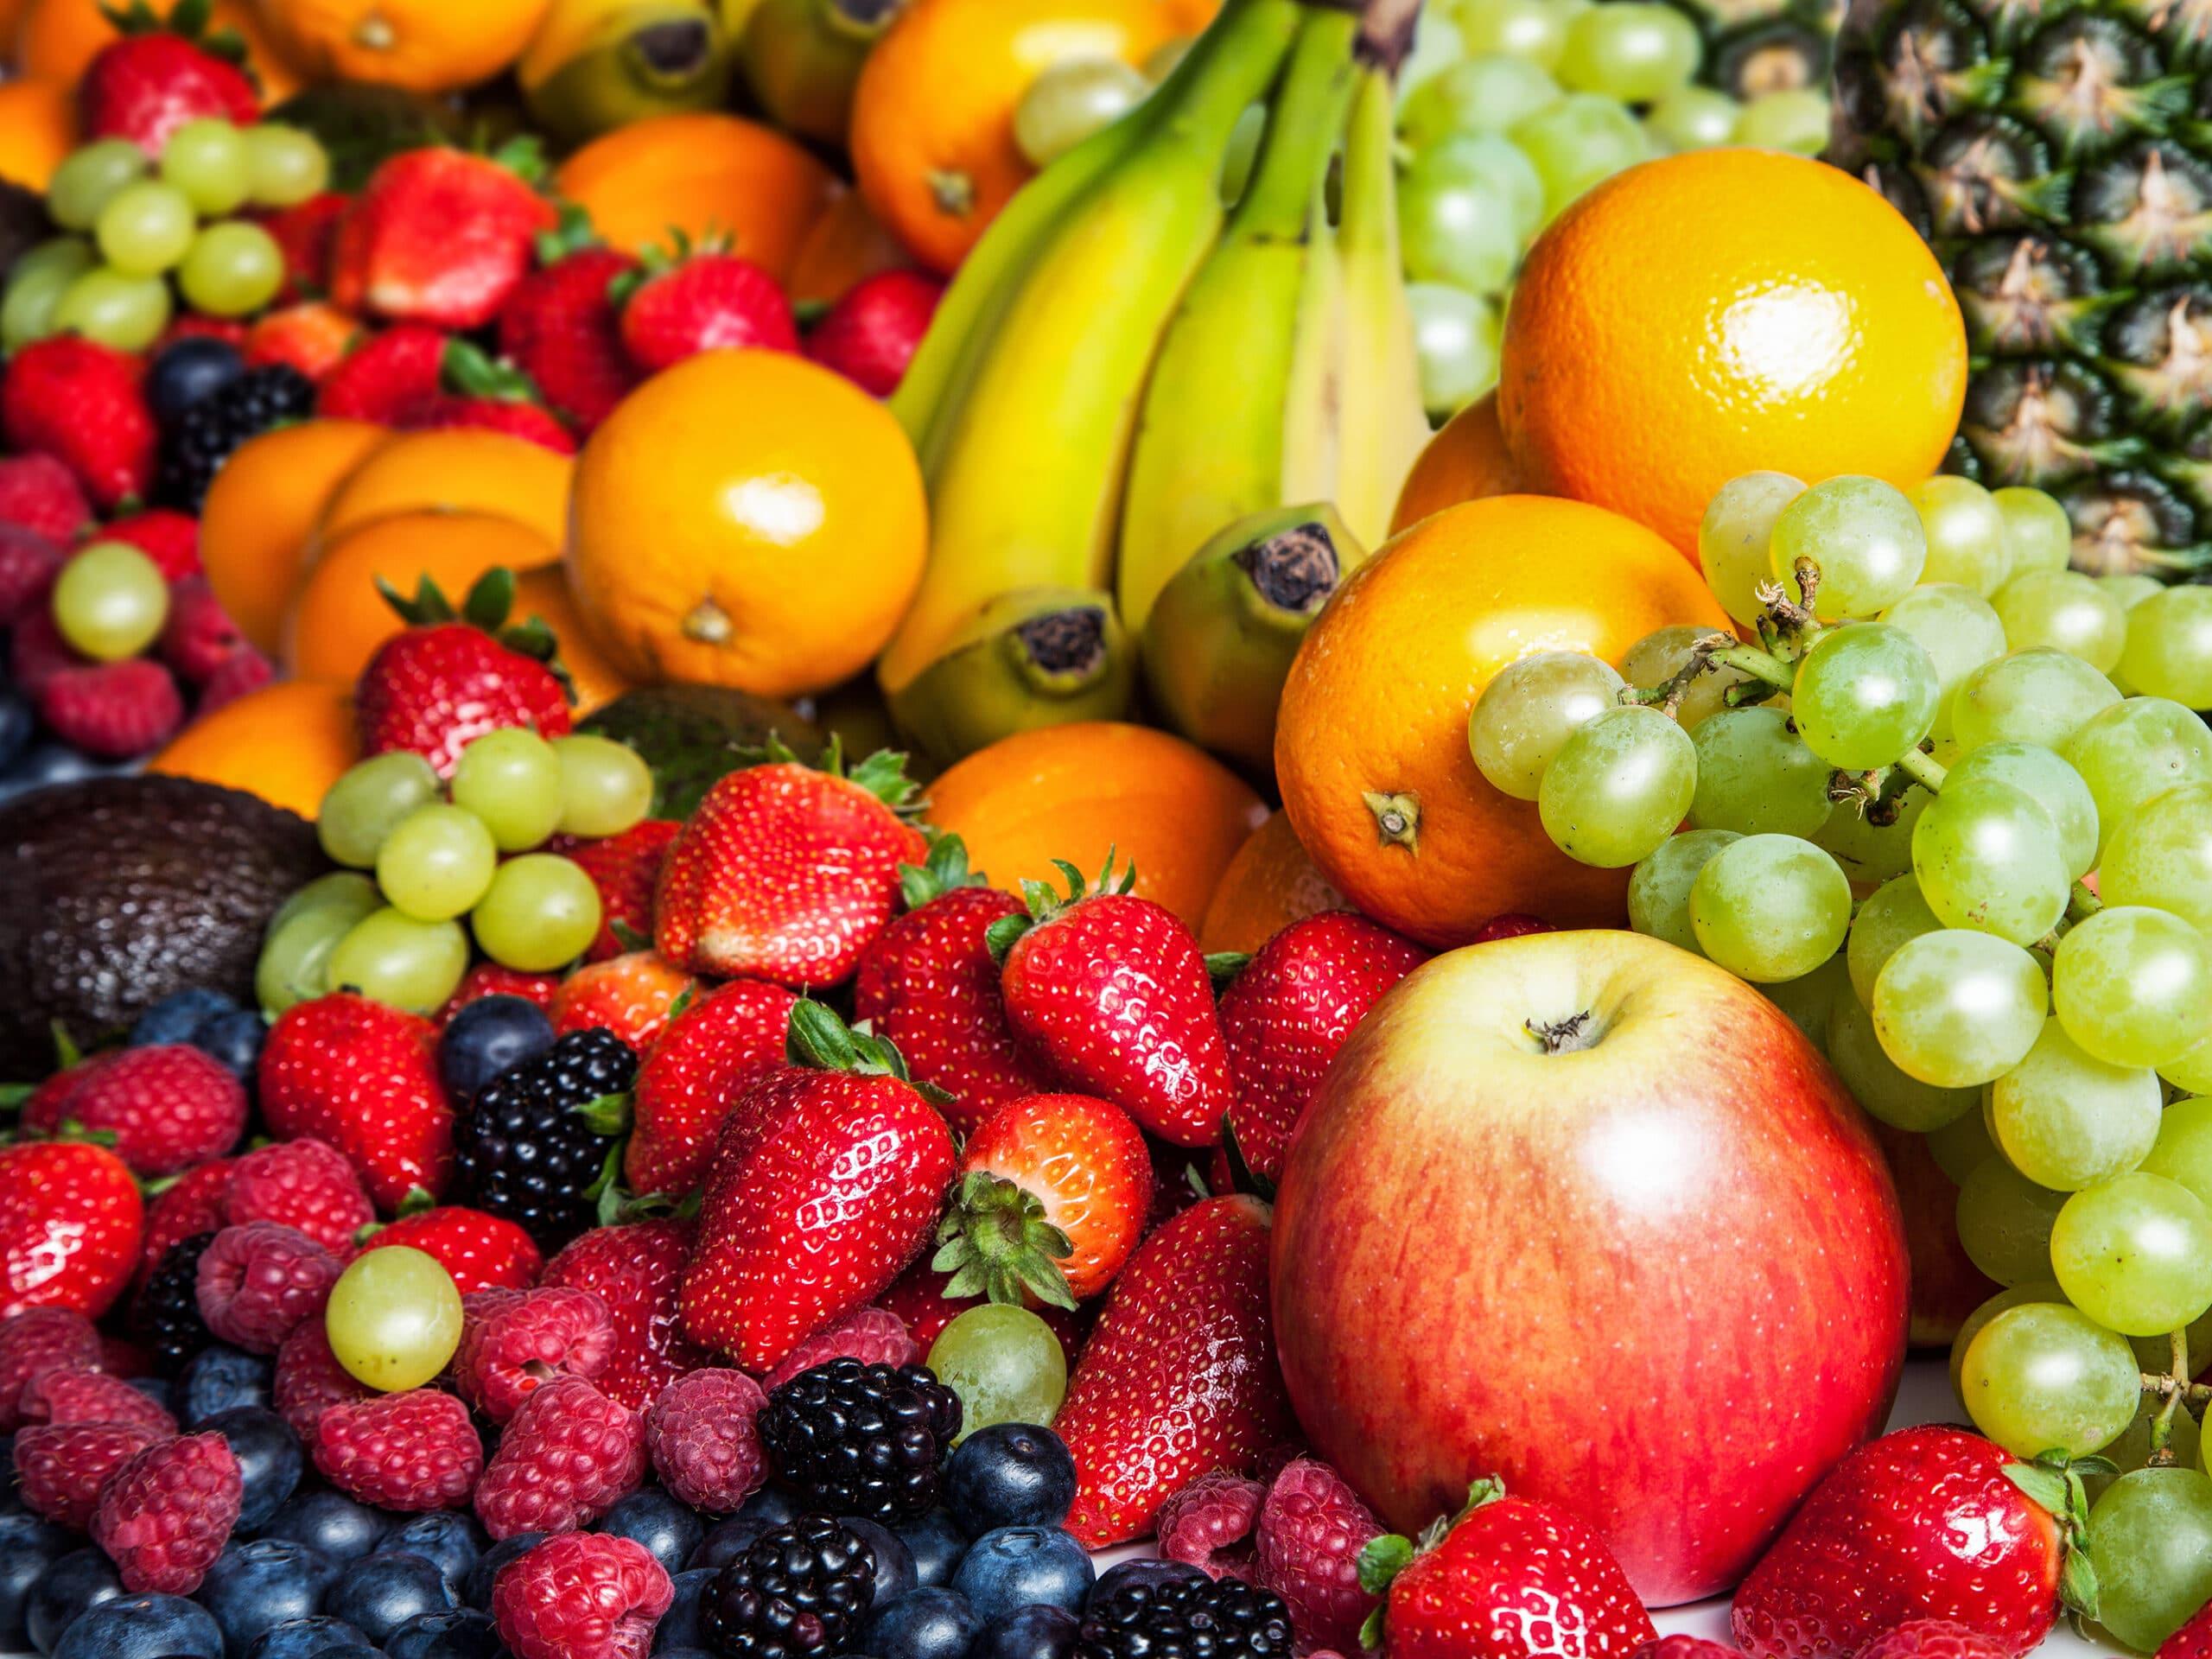 ลดความอ้วนง่ายๆ ด้วย 5 ผลไม้ลดน้ำหนัก